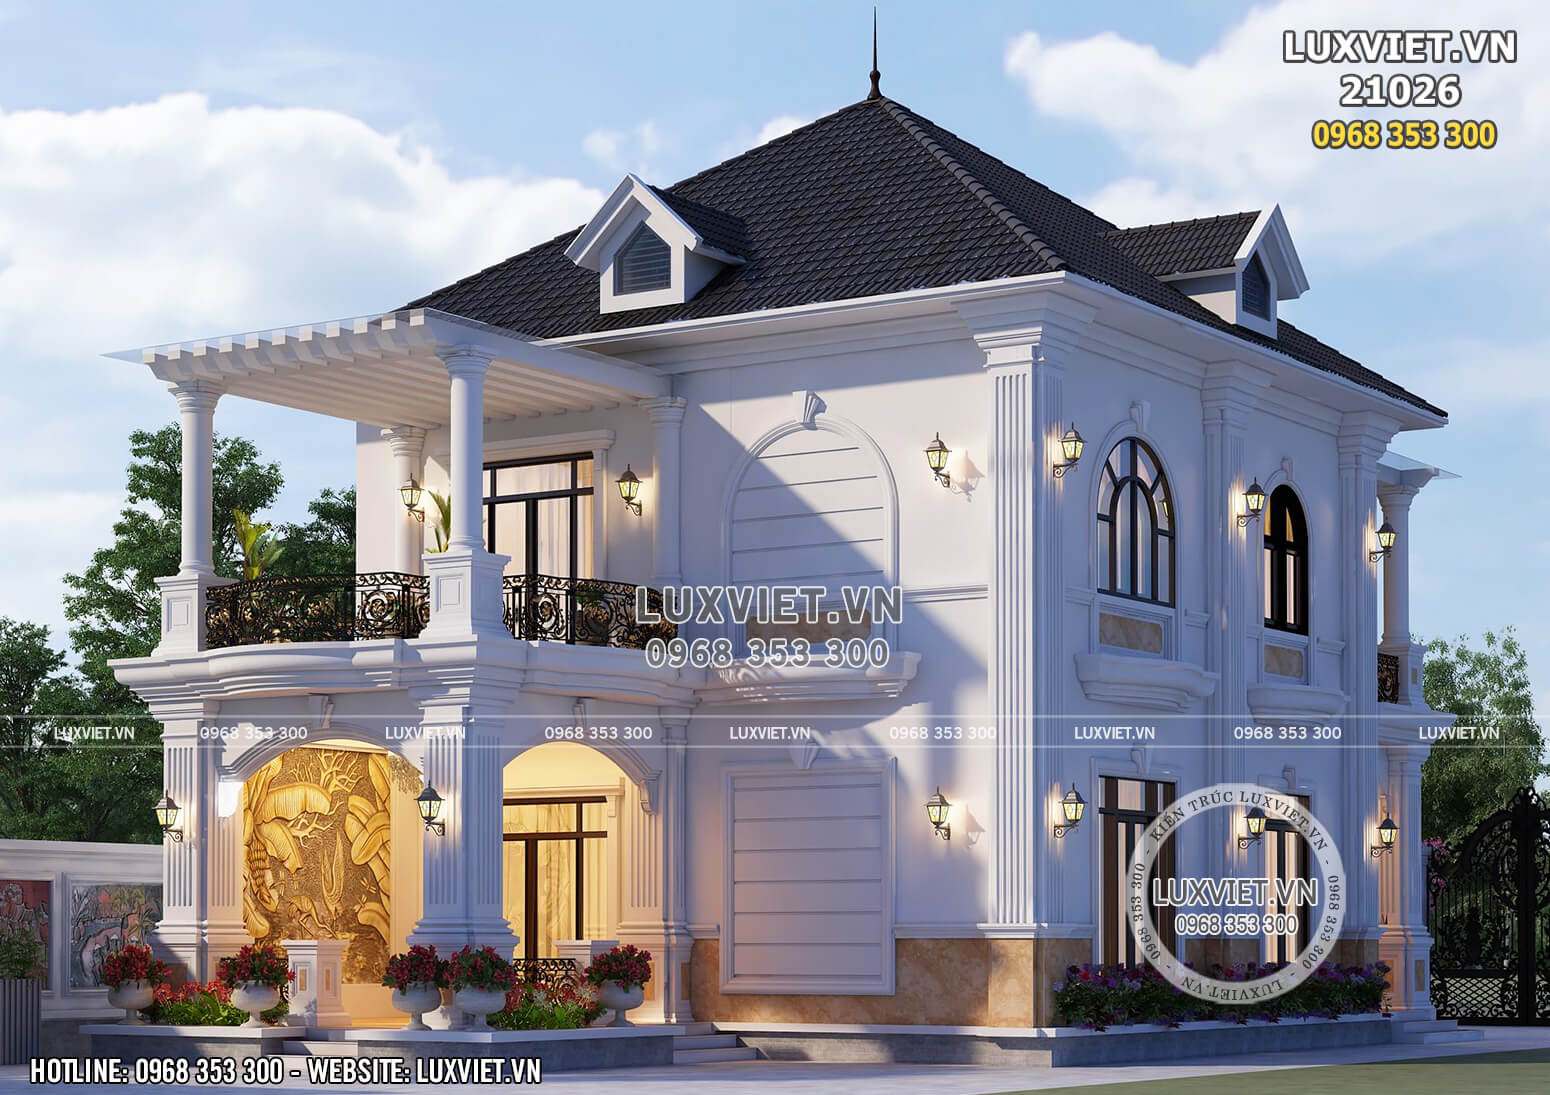 Không gian kiến trúc hoa lệ, bắt mắt và đẹp đến từng chi tiết nhỏ của mẫu thiết kế biệt thự 2 tầng tân cổ điển